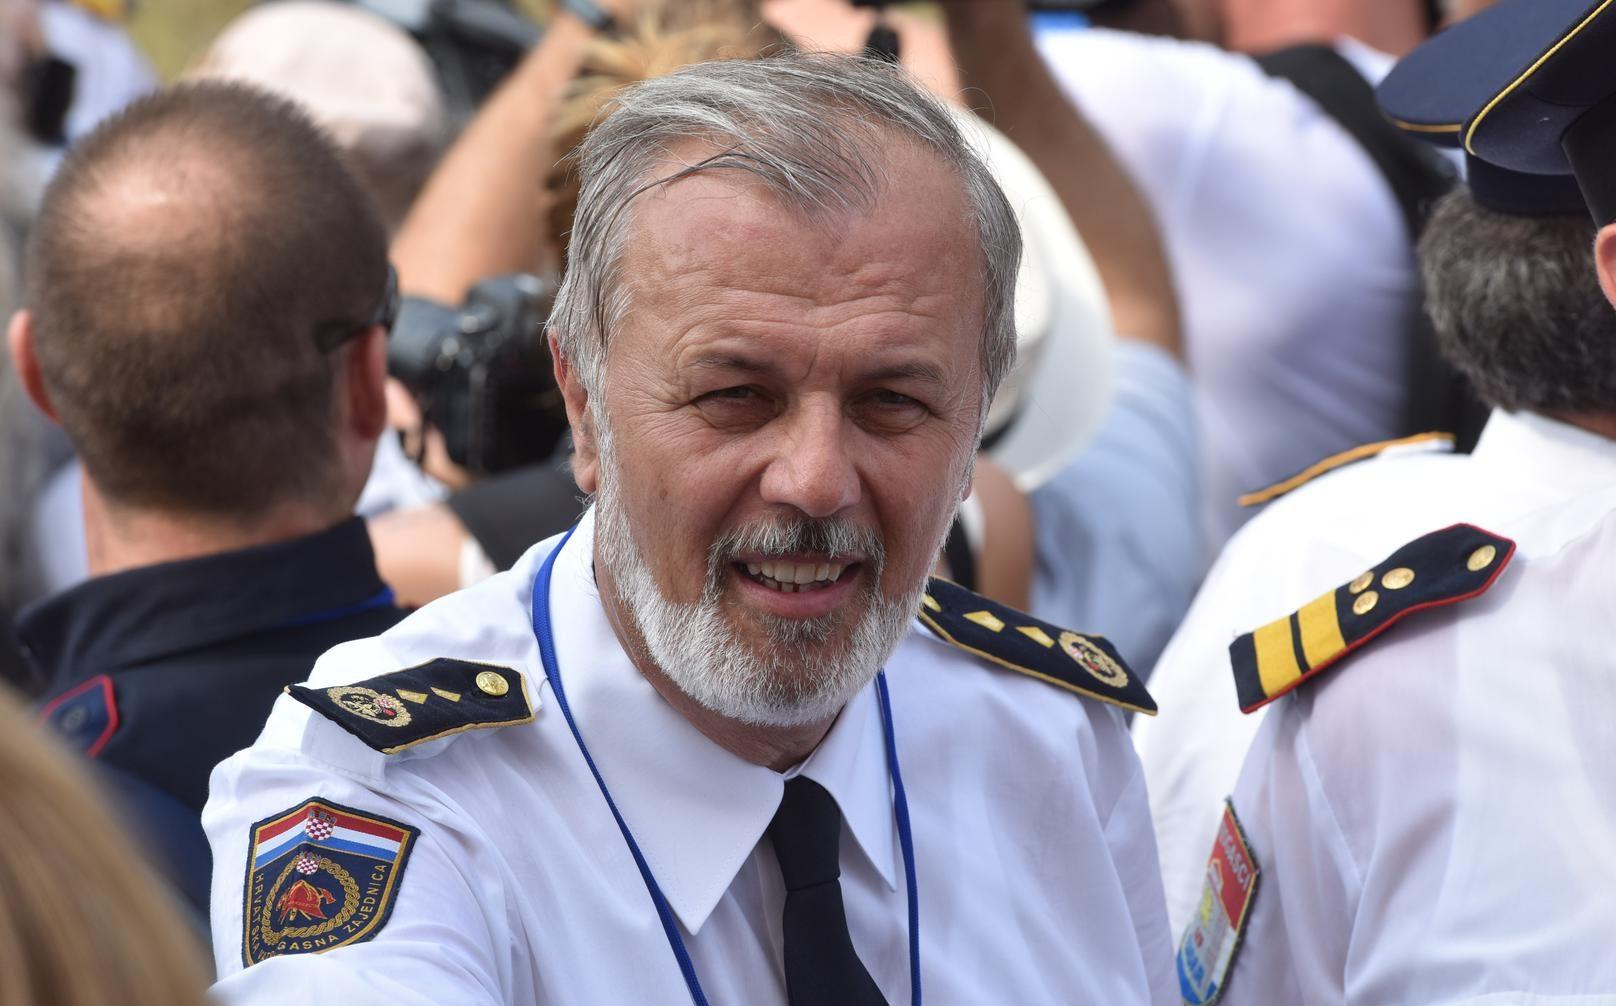 """Saborski izaslanik Ante Sanader u Ludbregu: """"Služenje narodu, a ne oholost i bahatost, arogancija, moraju biti osobine pravih narodnih predstavnika"""""""